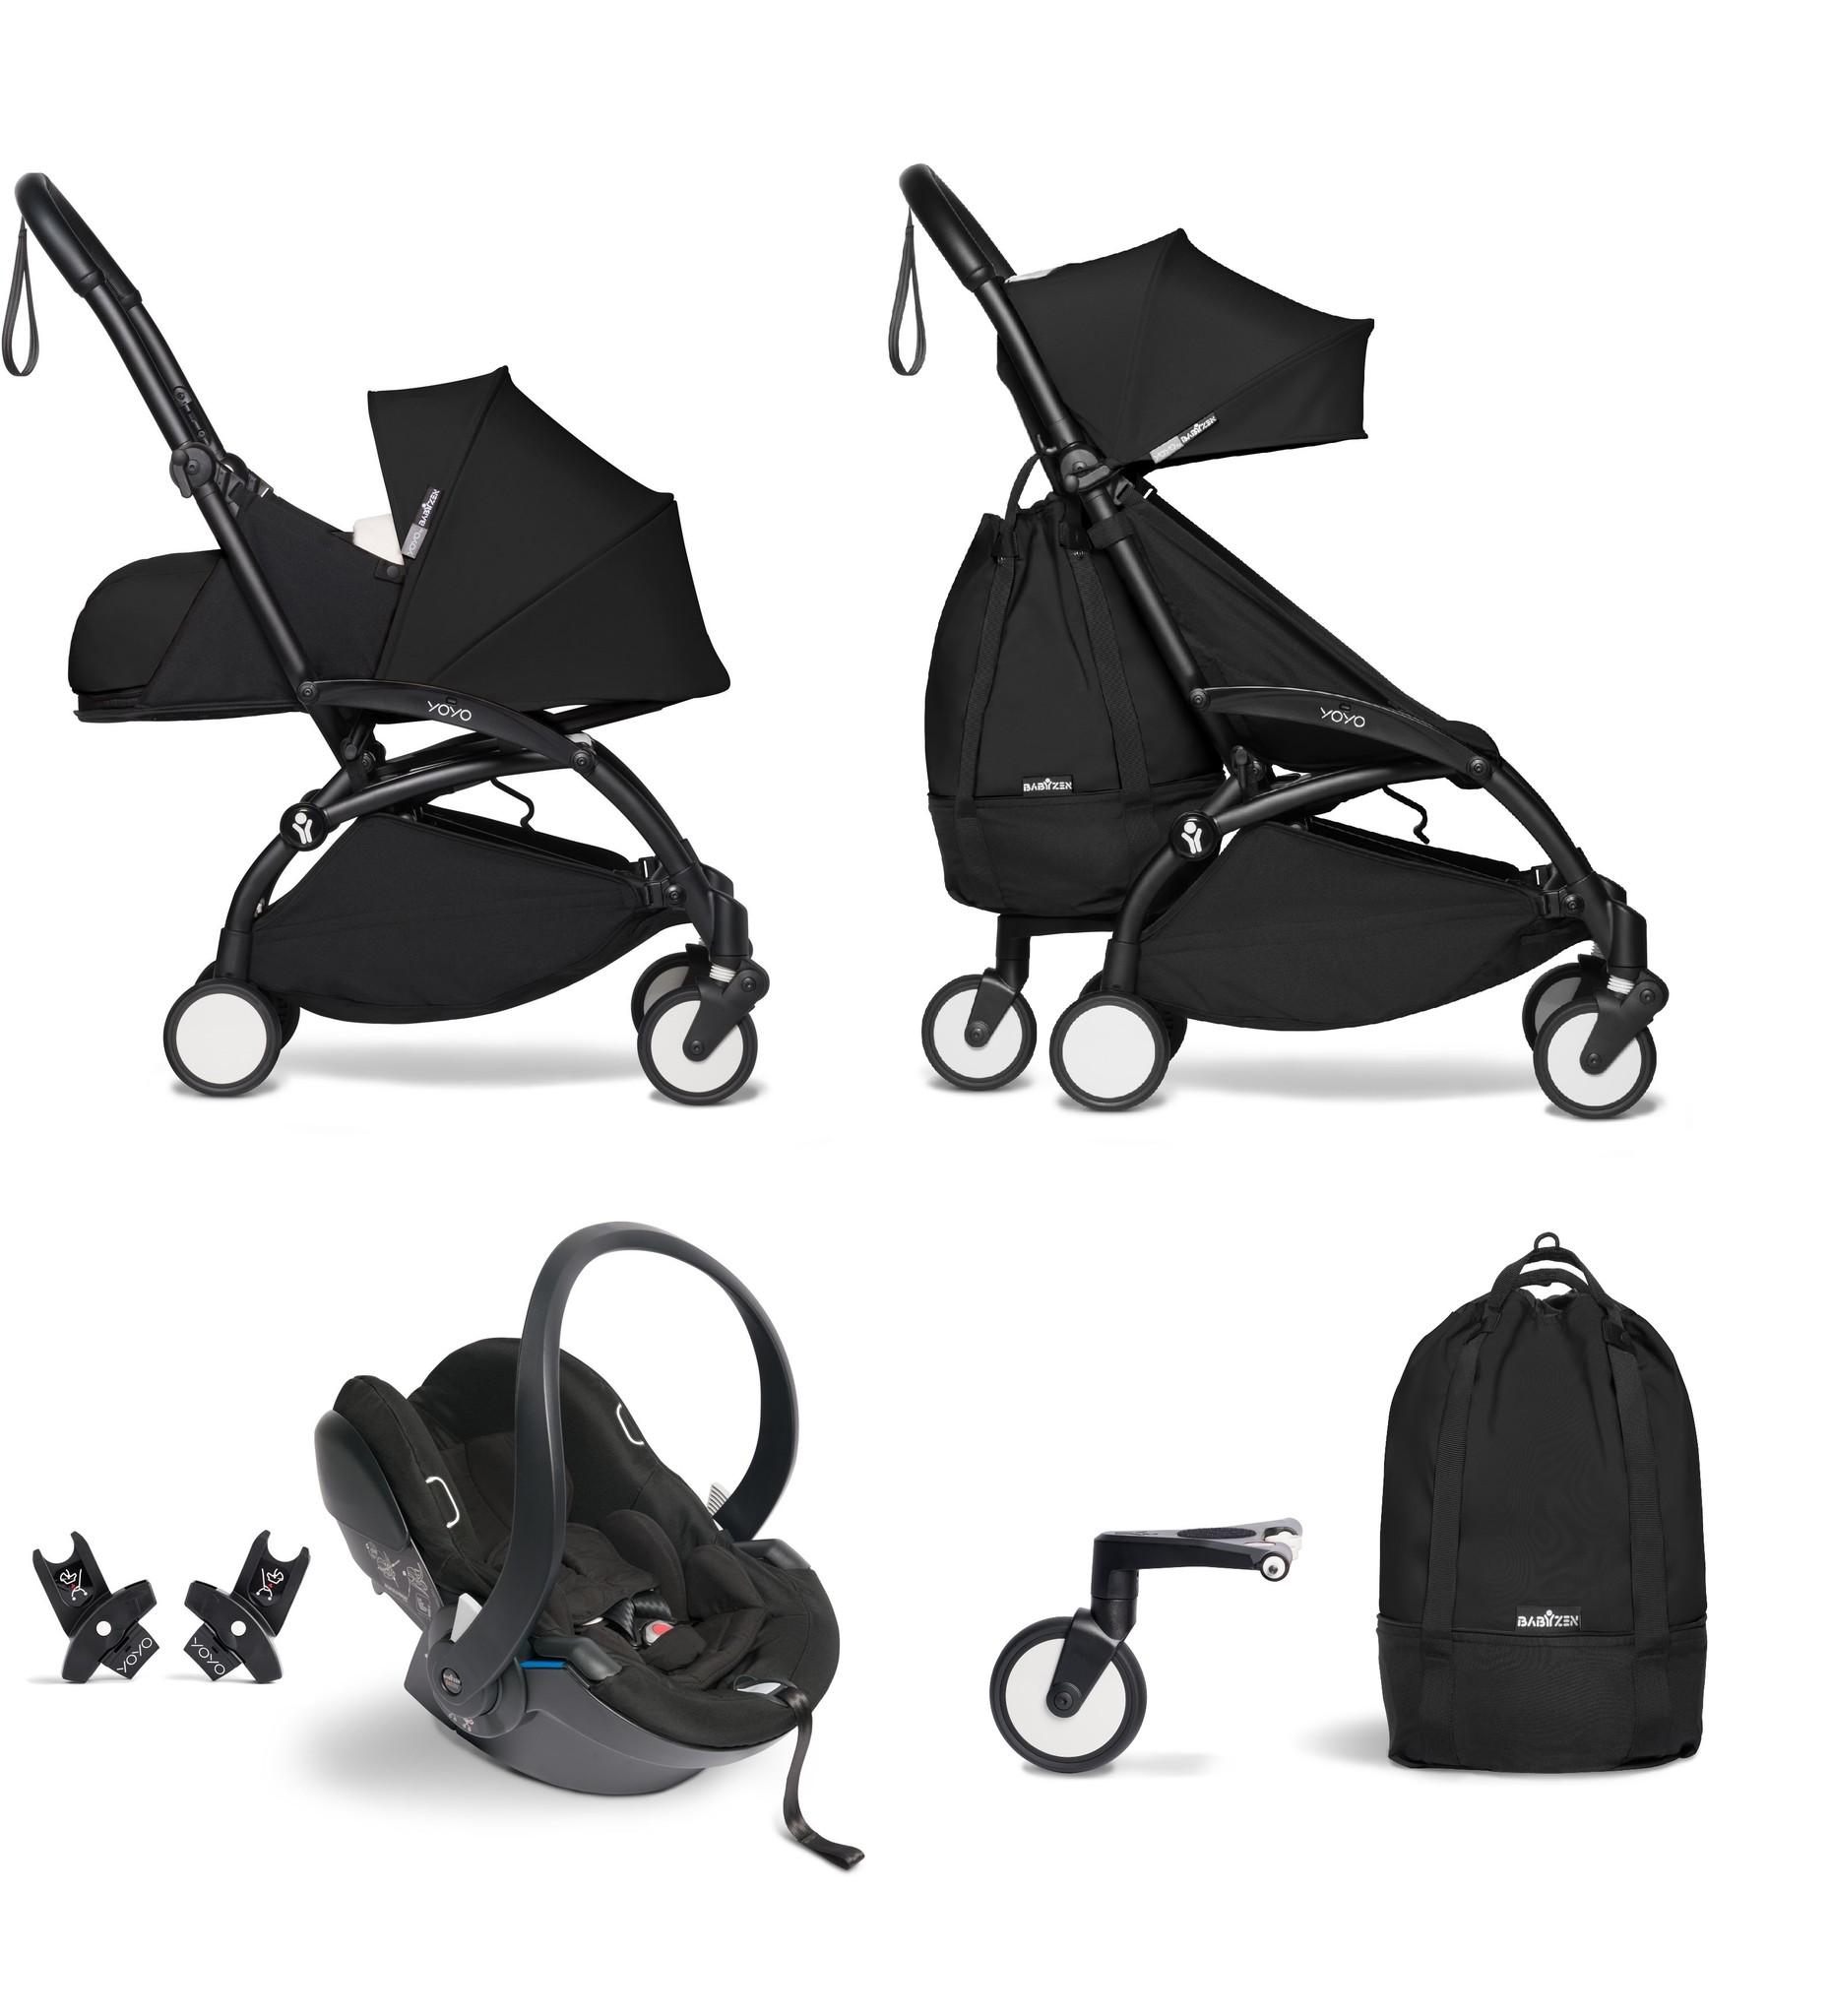 Babyzen Babyzen YOYO² Buggy VOLLSTÄNDIG von Geburt an, einschließlich YOYO² BeSafe Autositz schwarz und YOYO Bag - schwarz mit schwarzem Rahmen